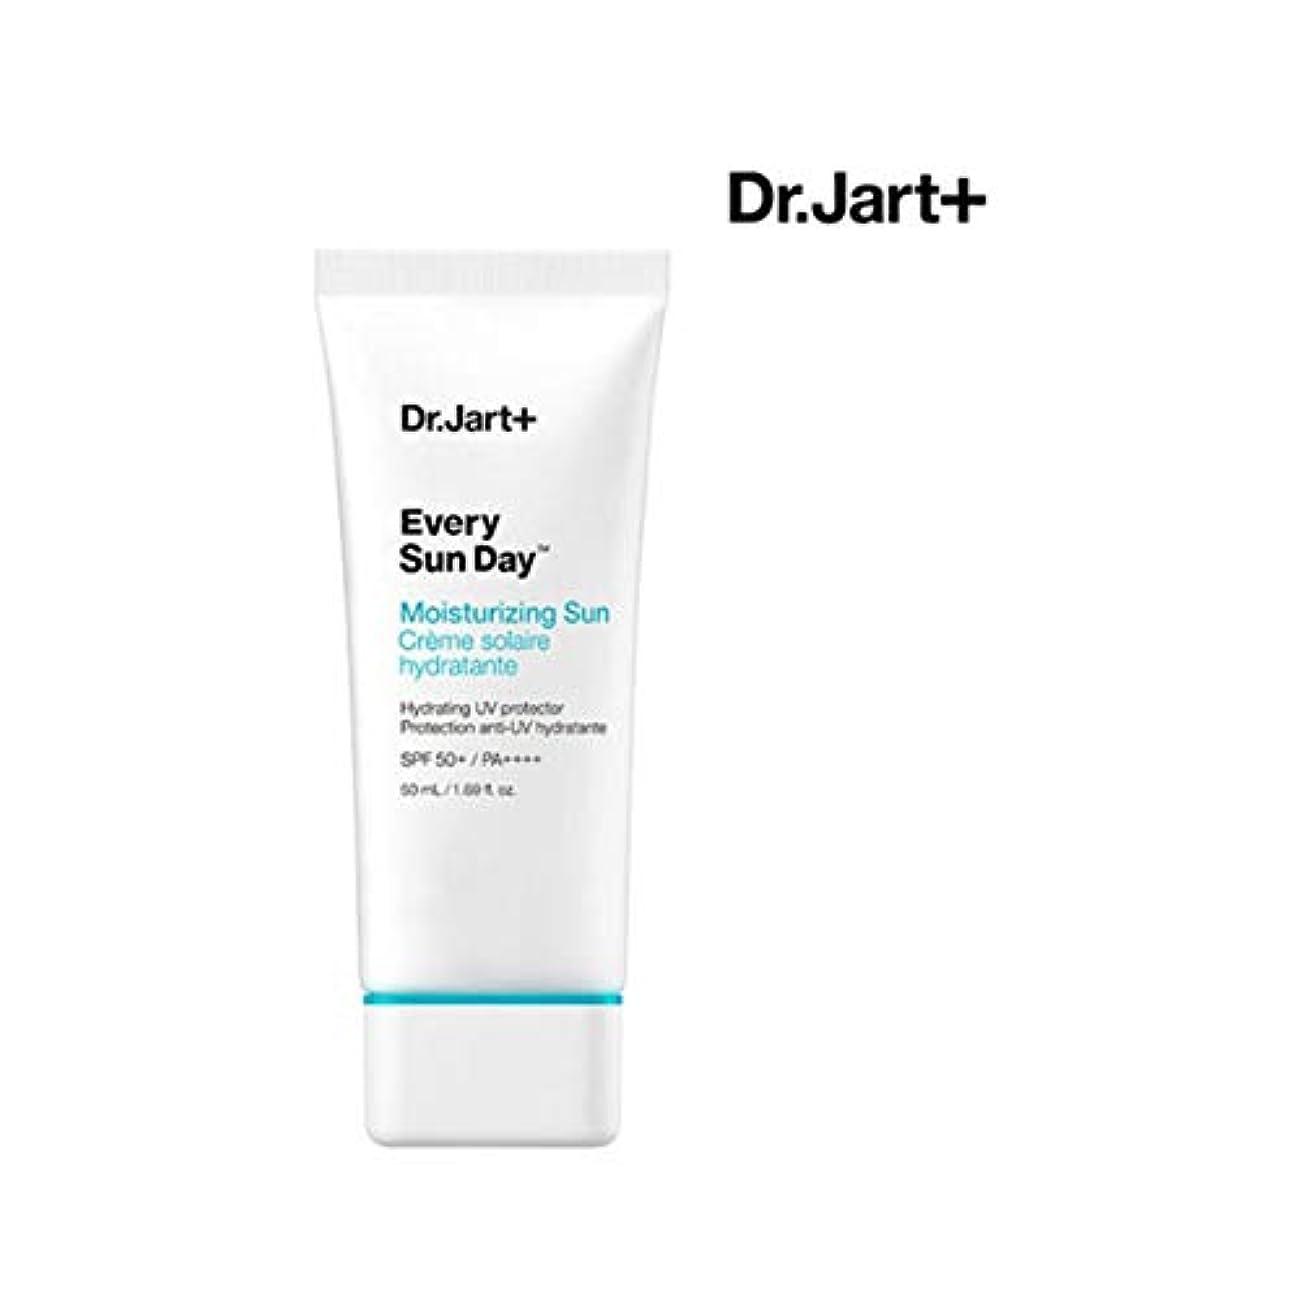 不均一機動グッゲンハイム美術館ドクタージャルトゥエブリサンデーモイスチャーライジングサン50mlサンクリーム韓国コスメ、Dr.Jart Every Sun Day Moisturizing Sun 50ml Sun Cream Korean Cosmetics...